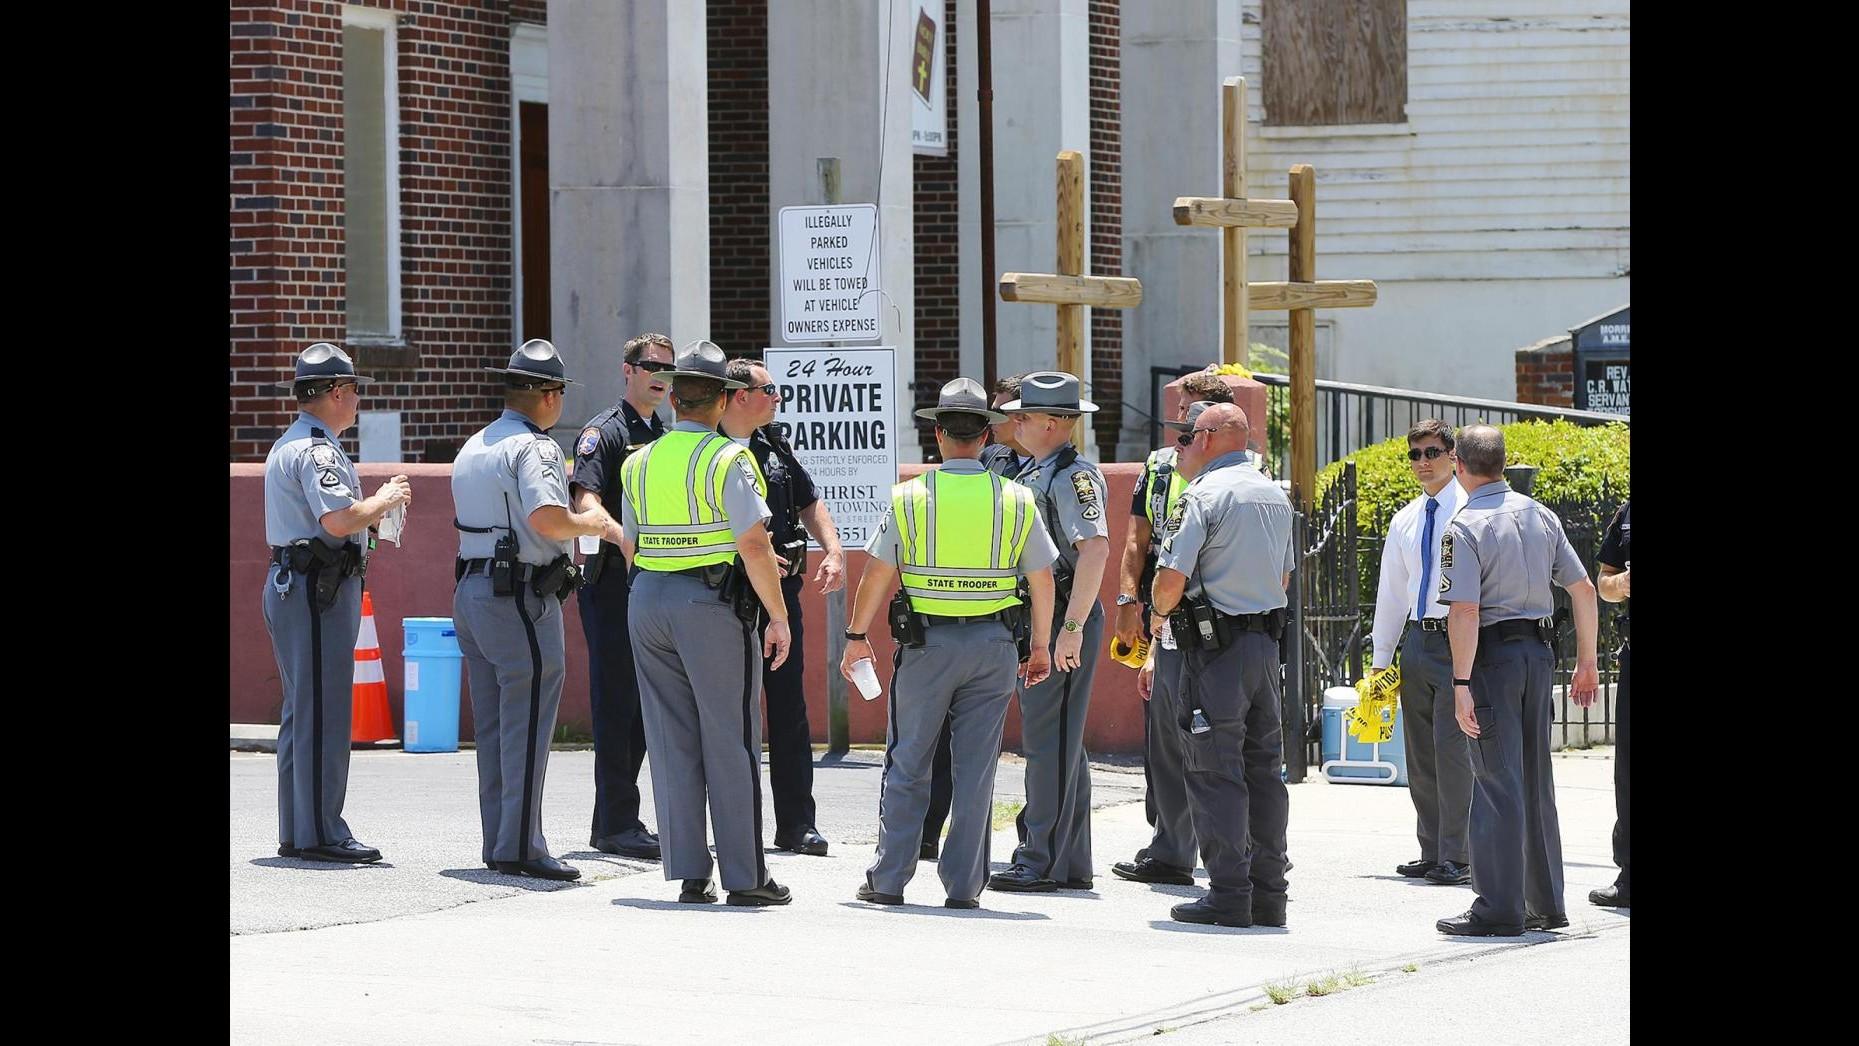 Charleston, preso il killer: introverso e affascinato da suprematismo bianco